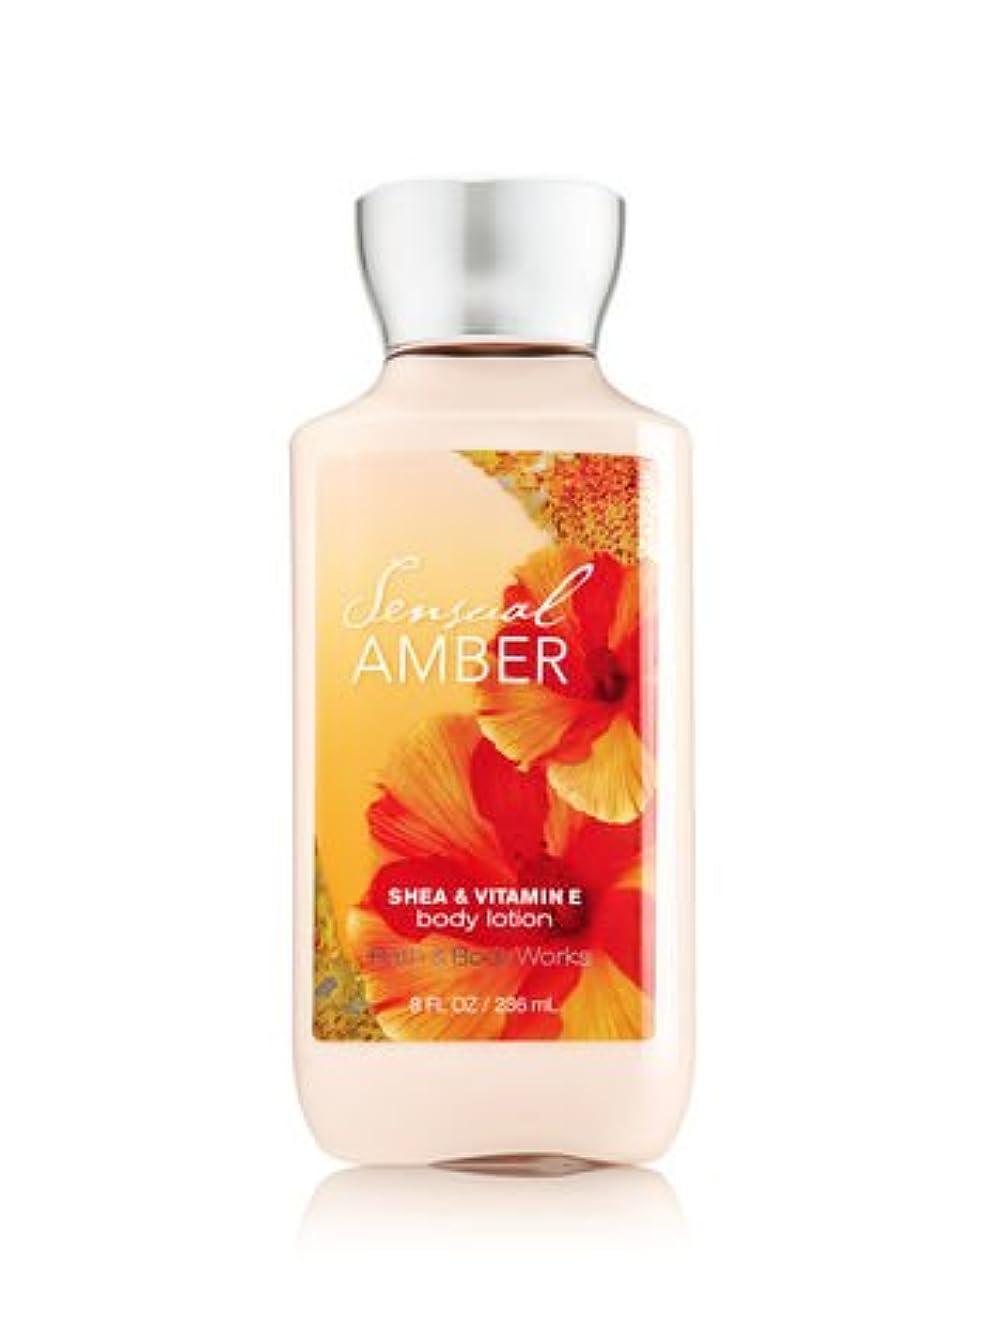 マウスピース同等のまさに【Bath&Body Works/バス&ボディワークス】 ボディローション センシュアルアンバー Body Lotion Sensual Amber 8 fl oz / 236 mL [並行輸入品]